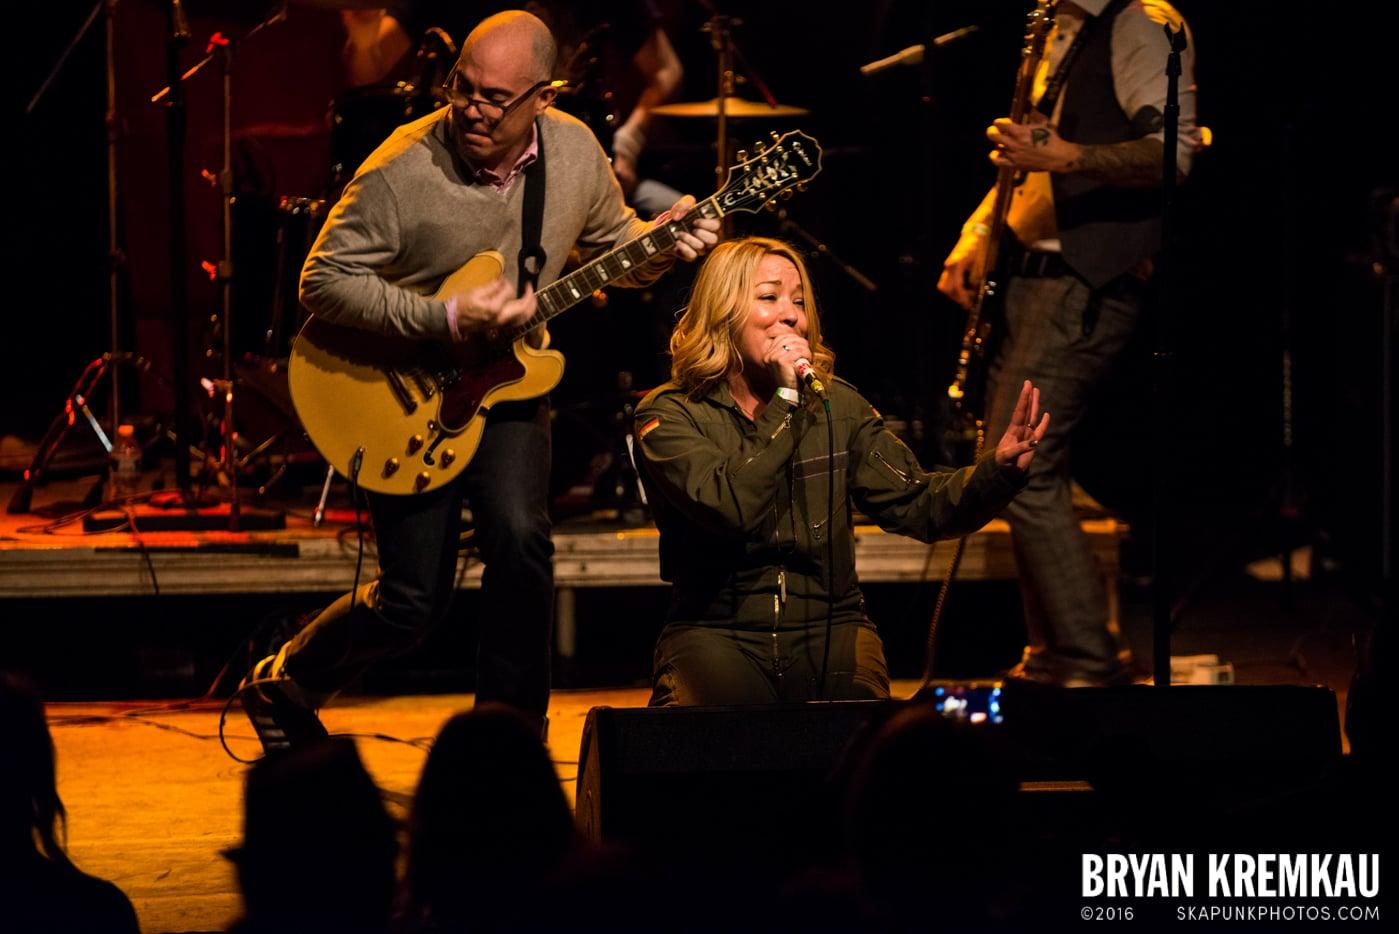 Metro Stylee @ Gramercy Theatre, NYC - 1.19.14 (1)